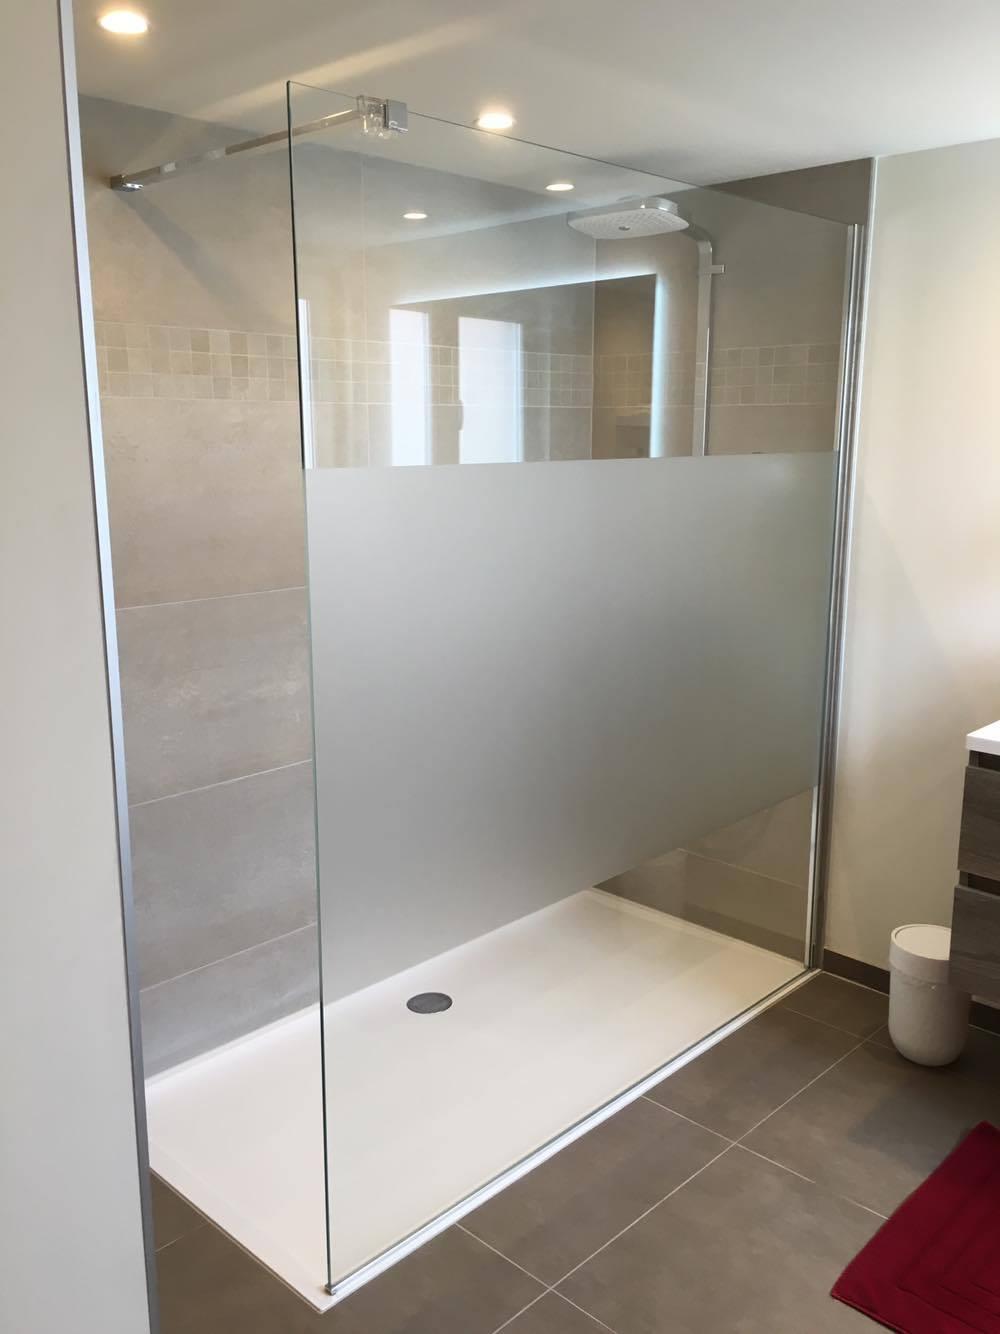 Moderne Badkamer Met Inloopdouche Cossyns Alle